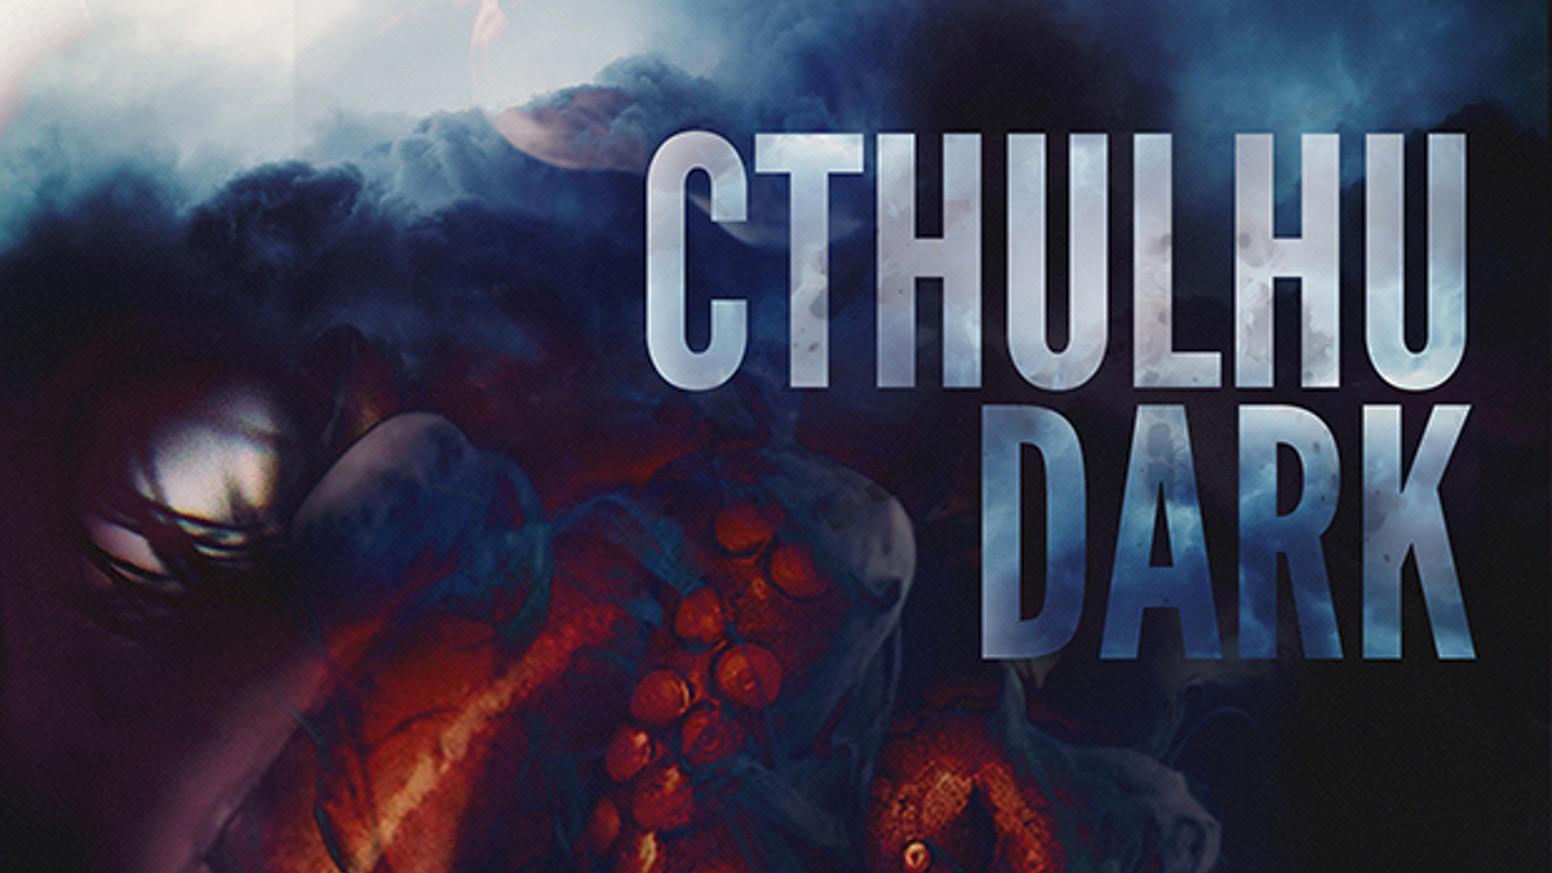 Cthulhu_Dark.jpg